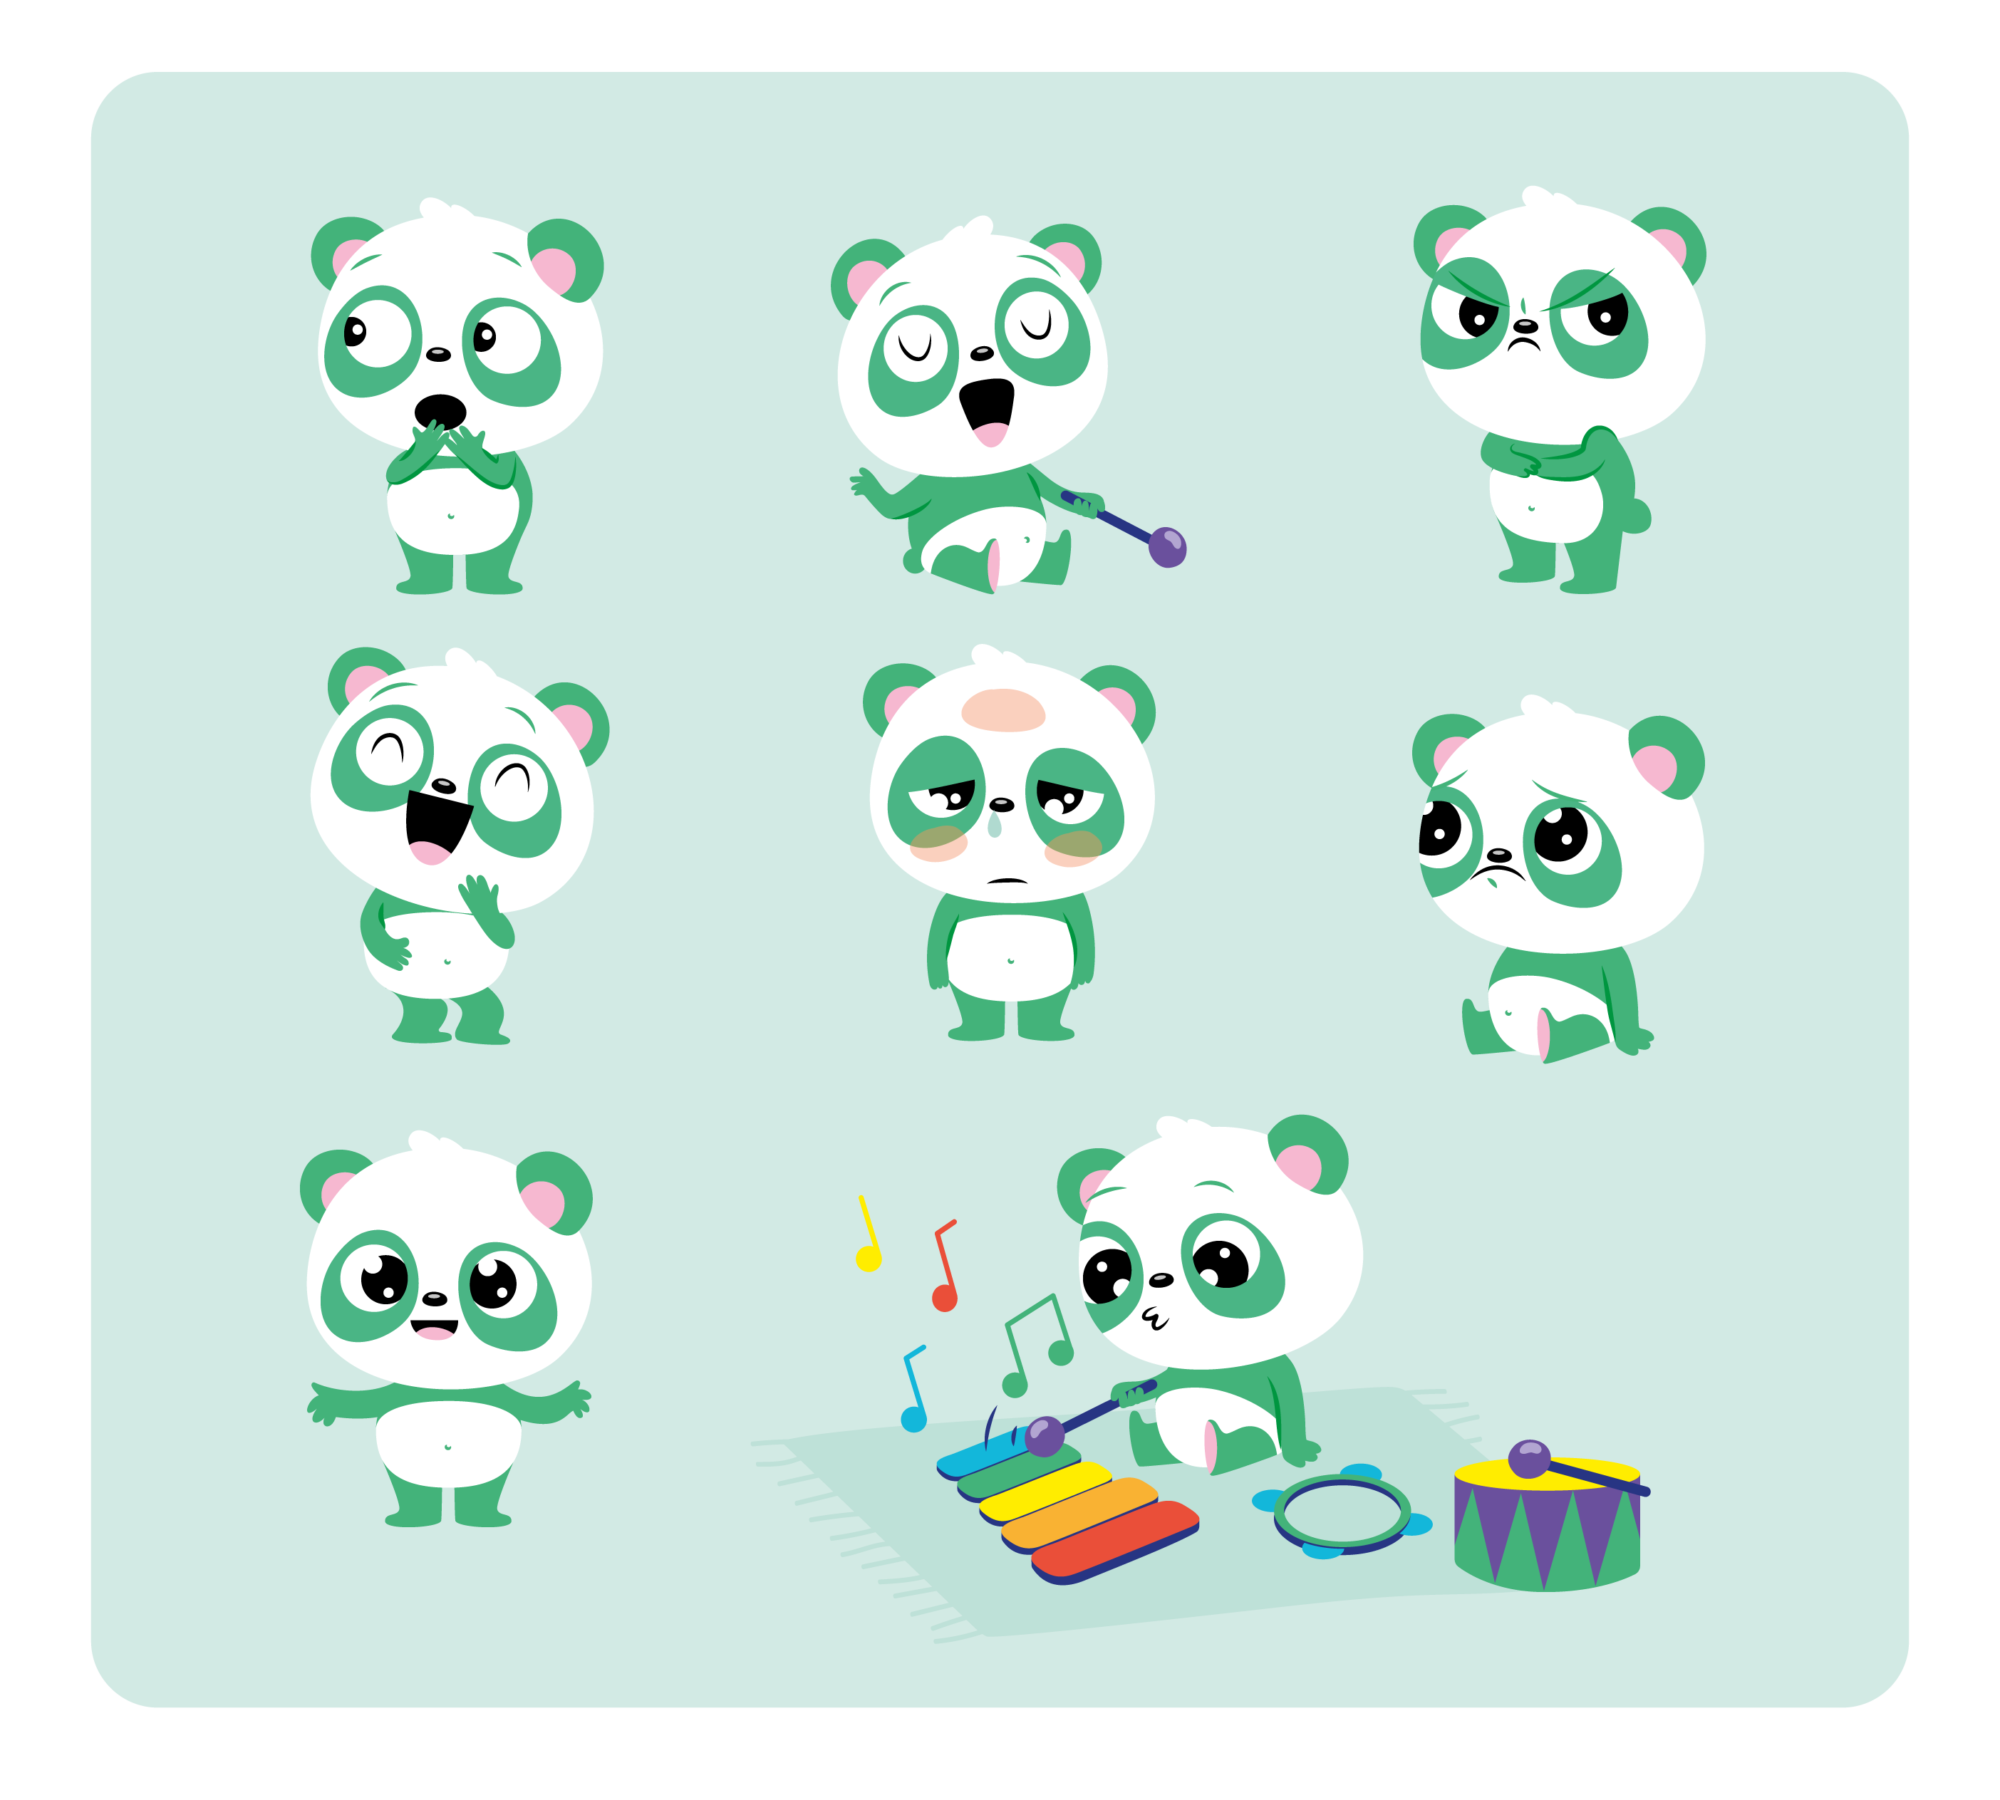 pandacraft3